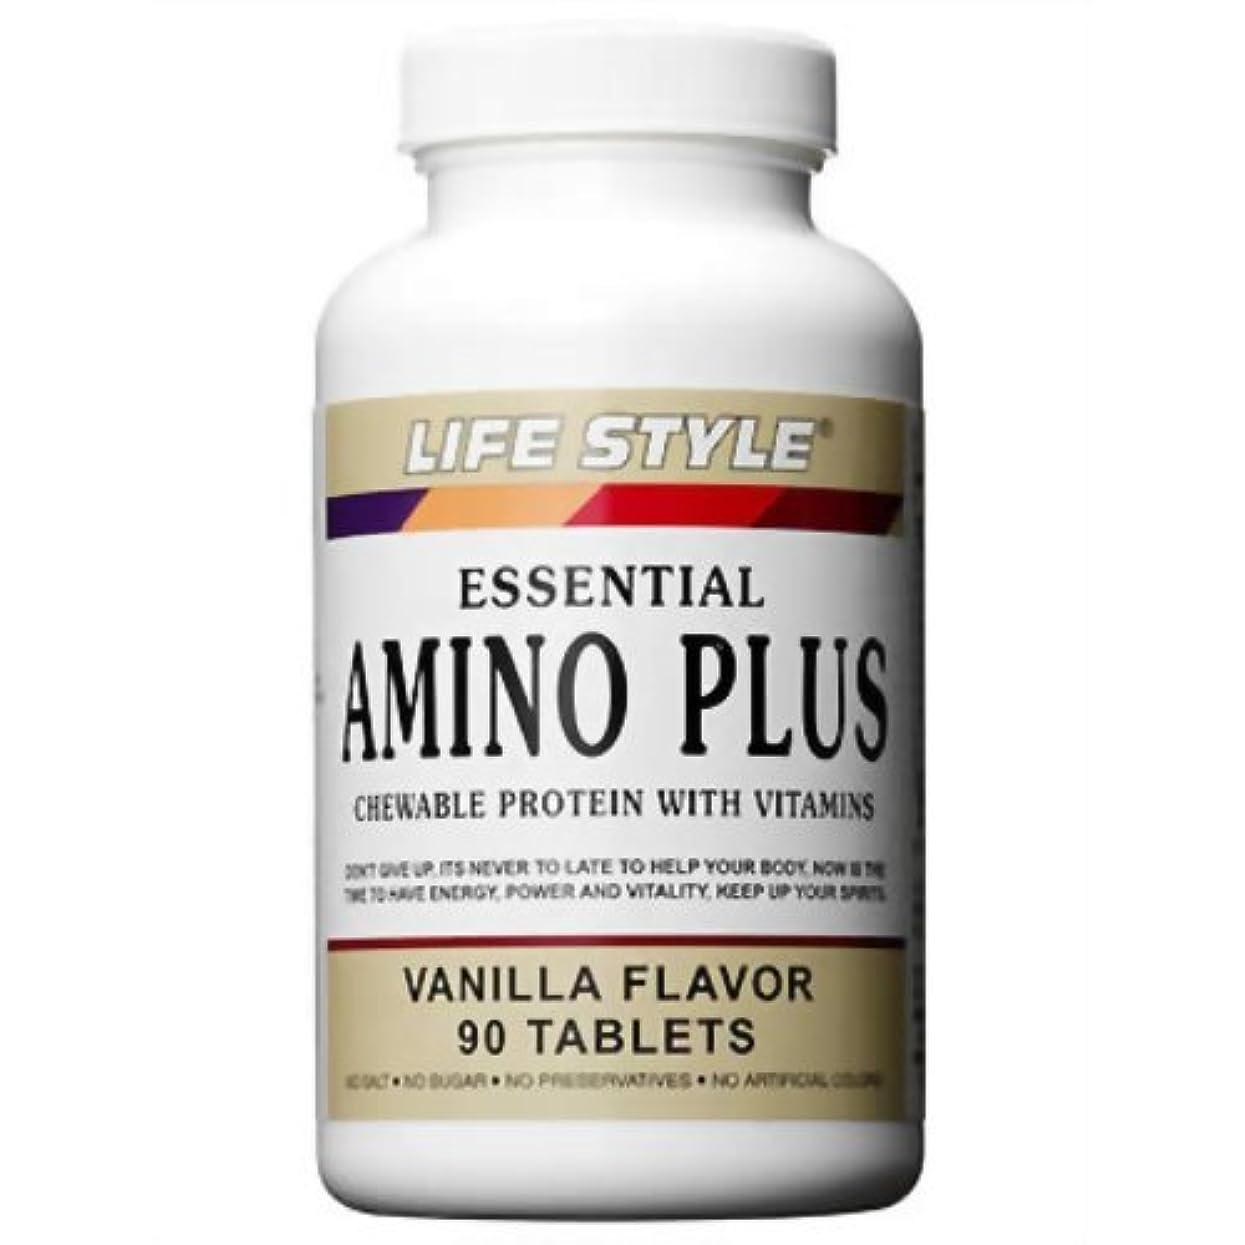 不道徳発疹マニアックライフスタイル(LIFE STYLE) アミノ?プラス ビタミン&カルシウム 90粒